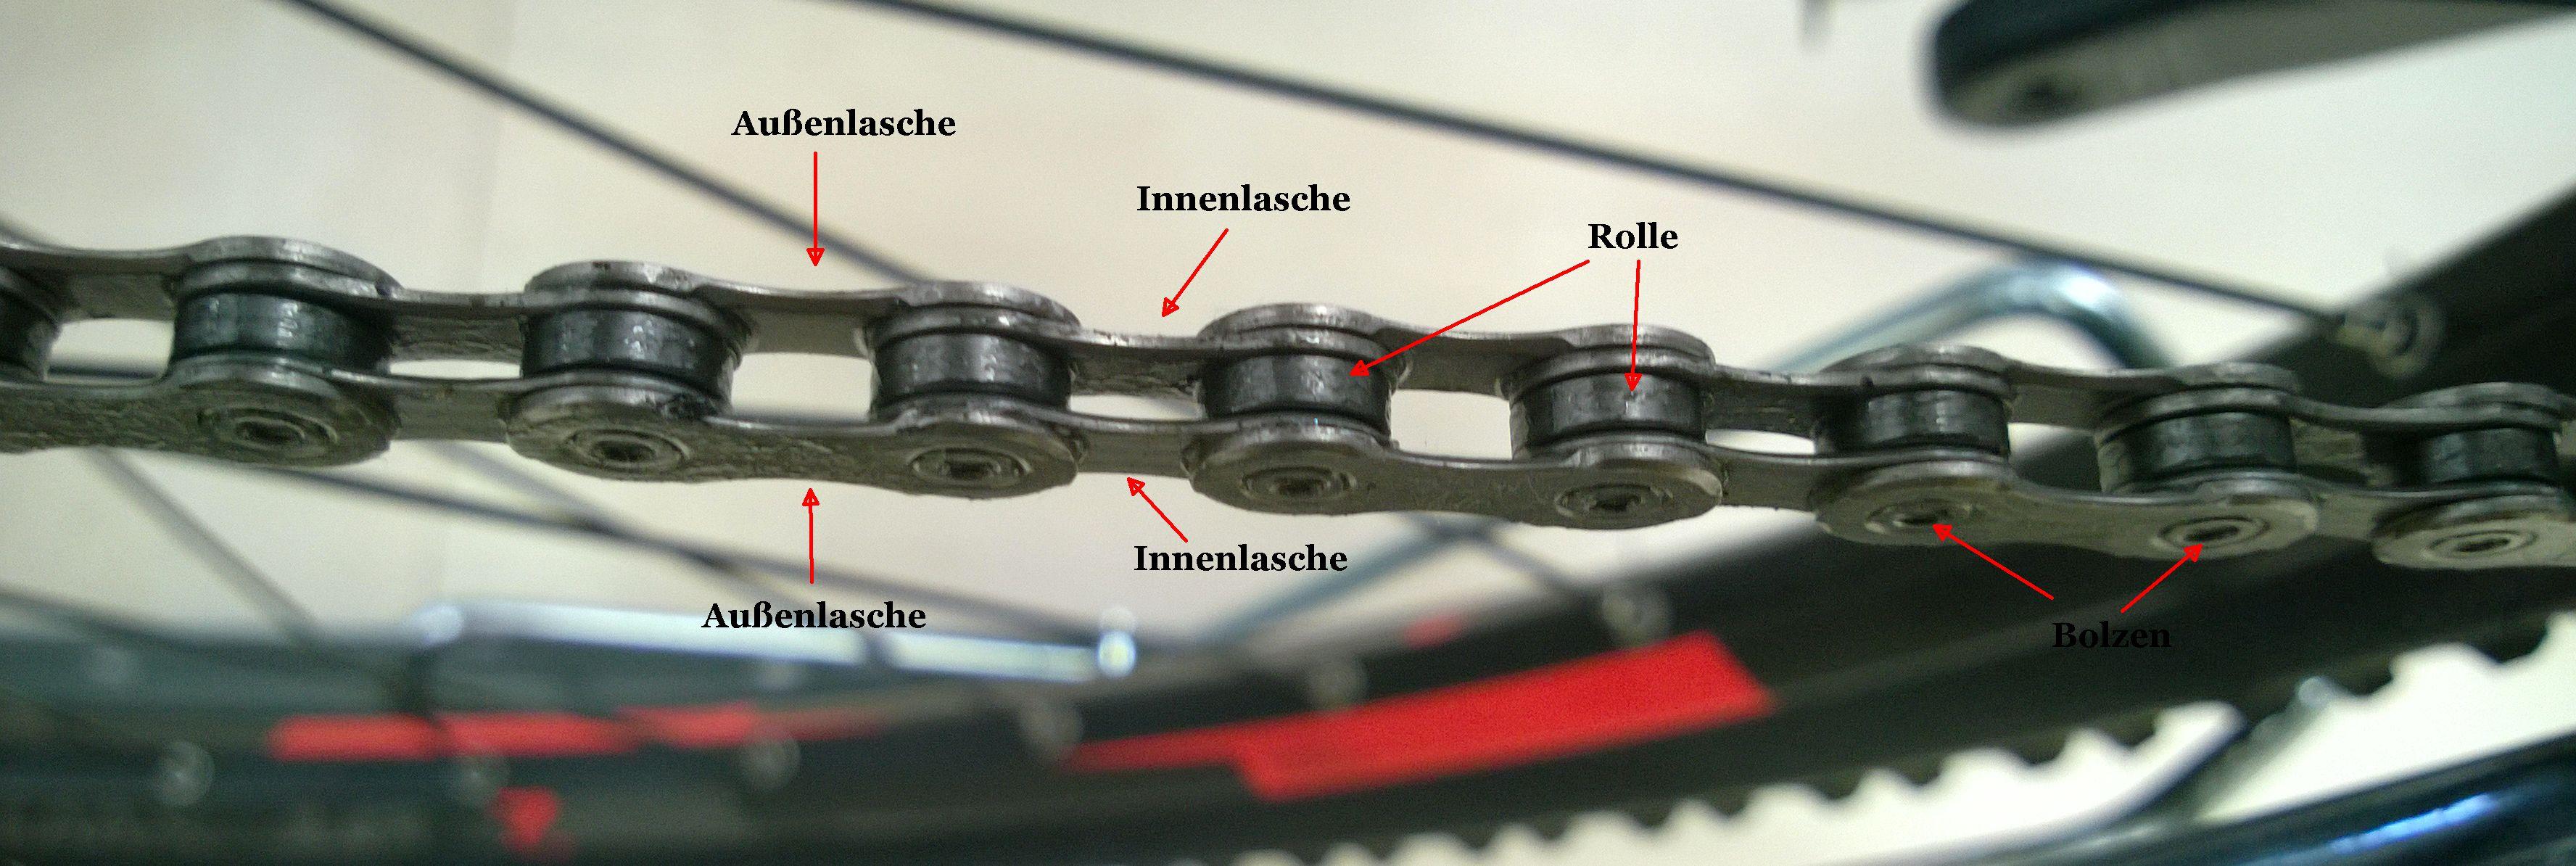 Der Aufbau einer Fahrradkette im Detail